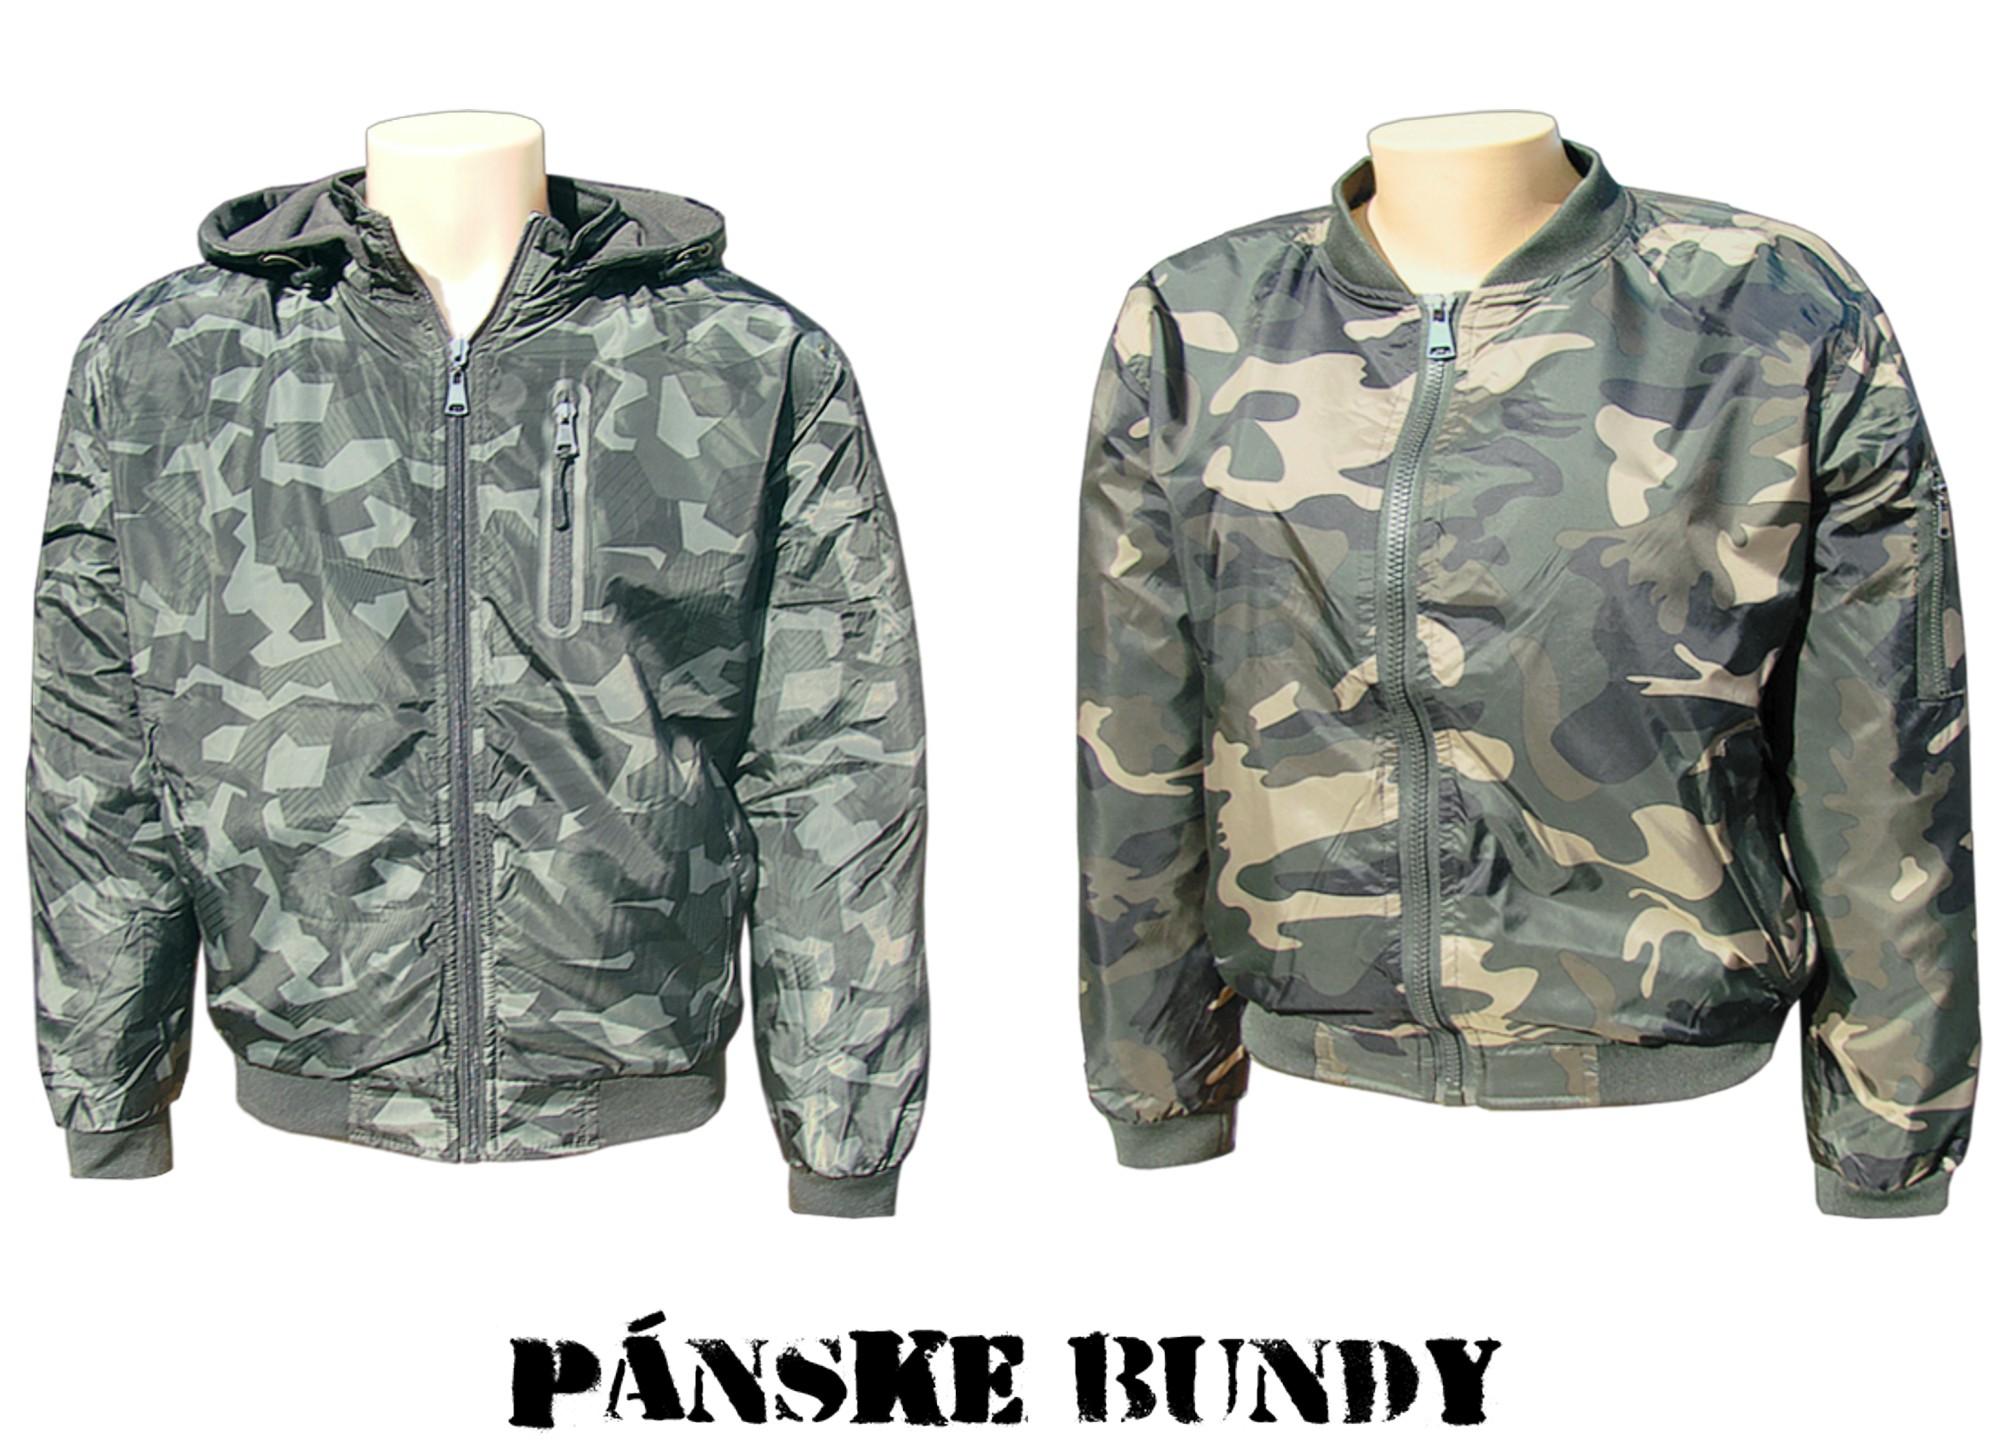 ... Pánske bundy akcia - online armyshop a veľkoobchod 70bbccbf716